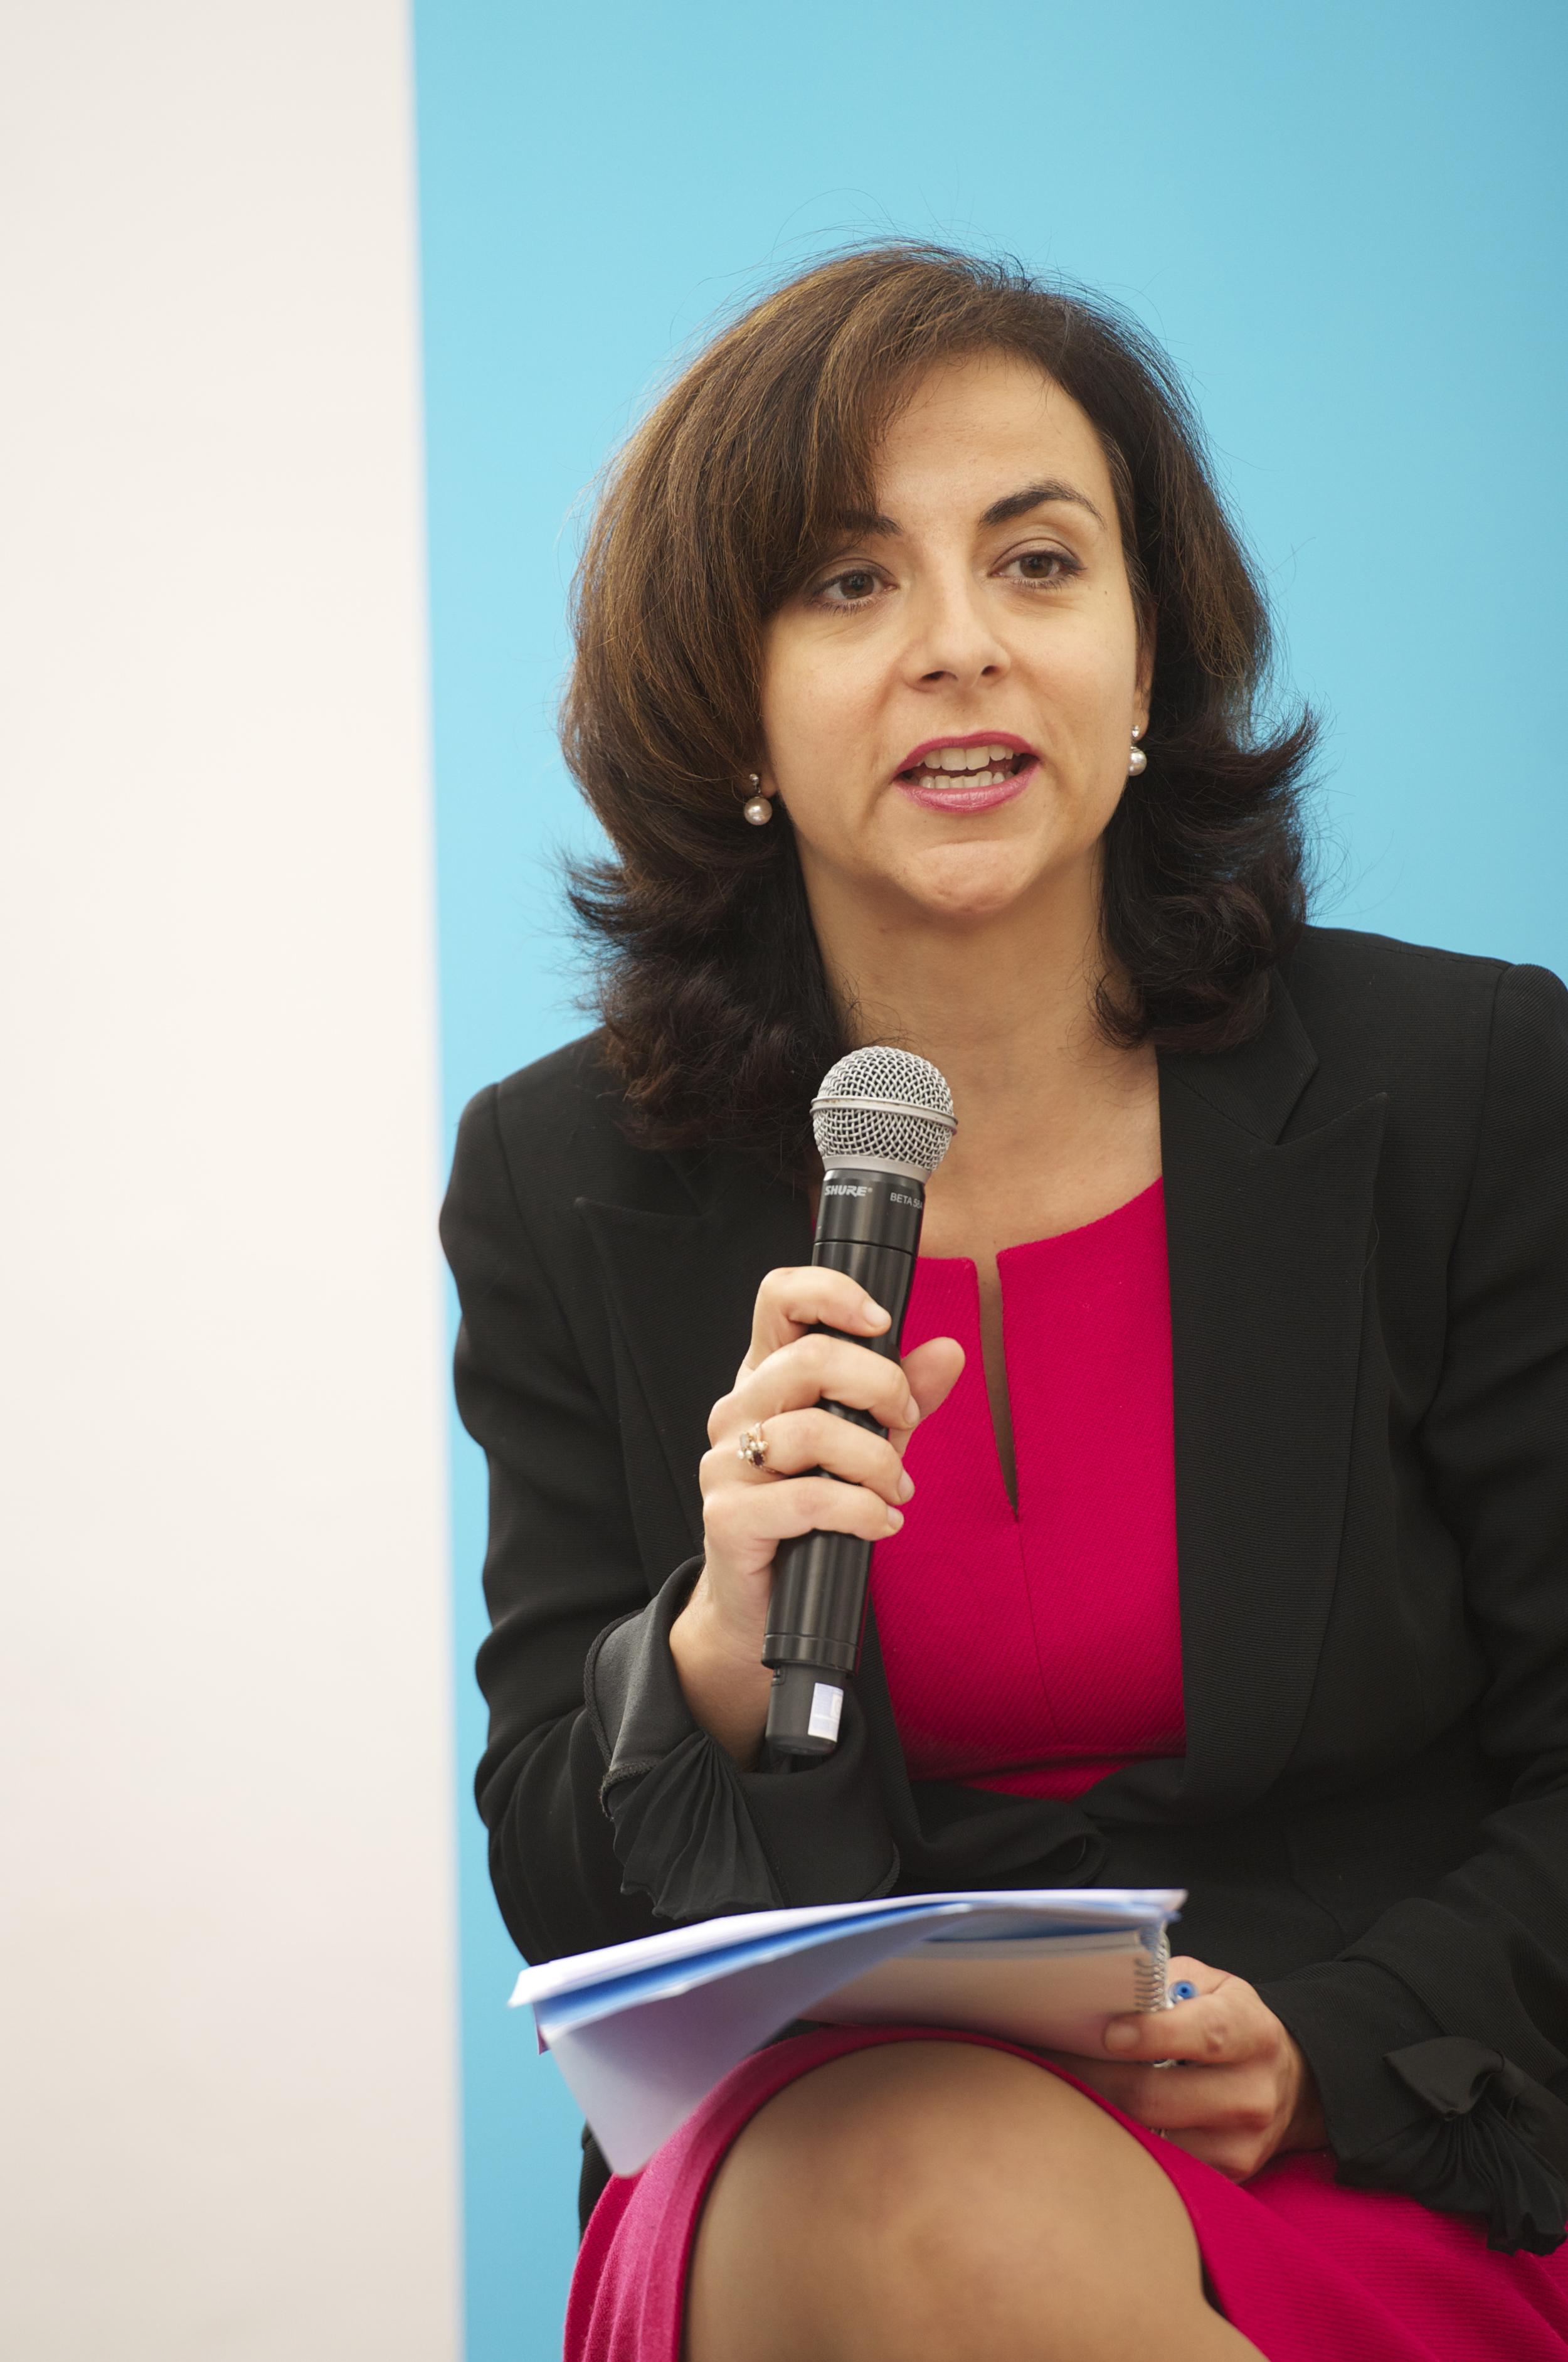 Vanessa Mock at theHistoric Speech debate at BOZAR.Photo ©Yves Gervais